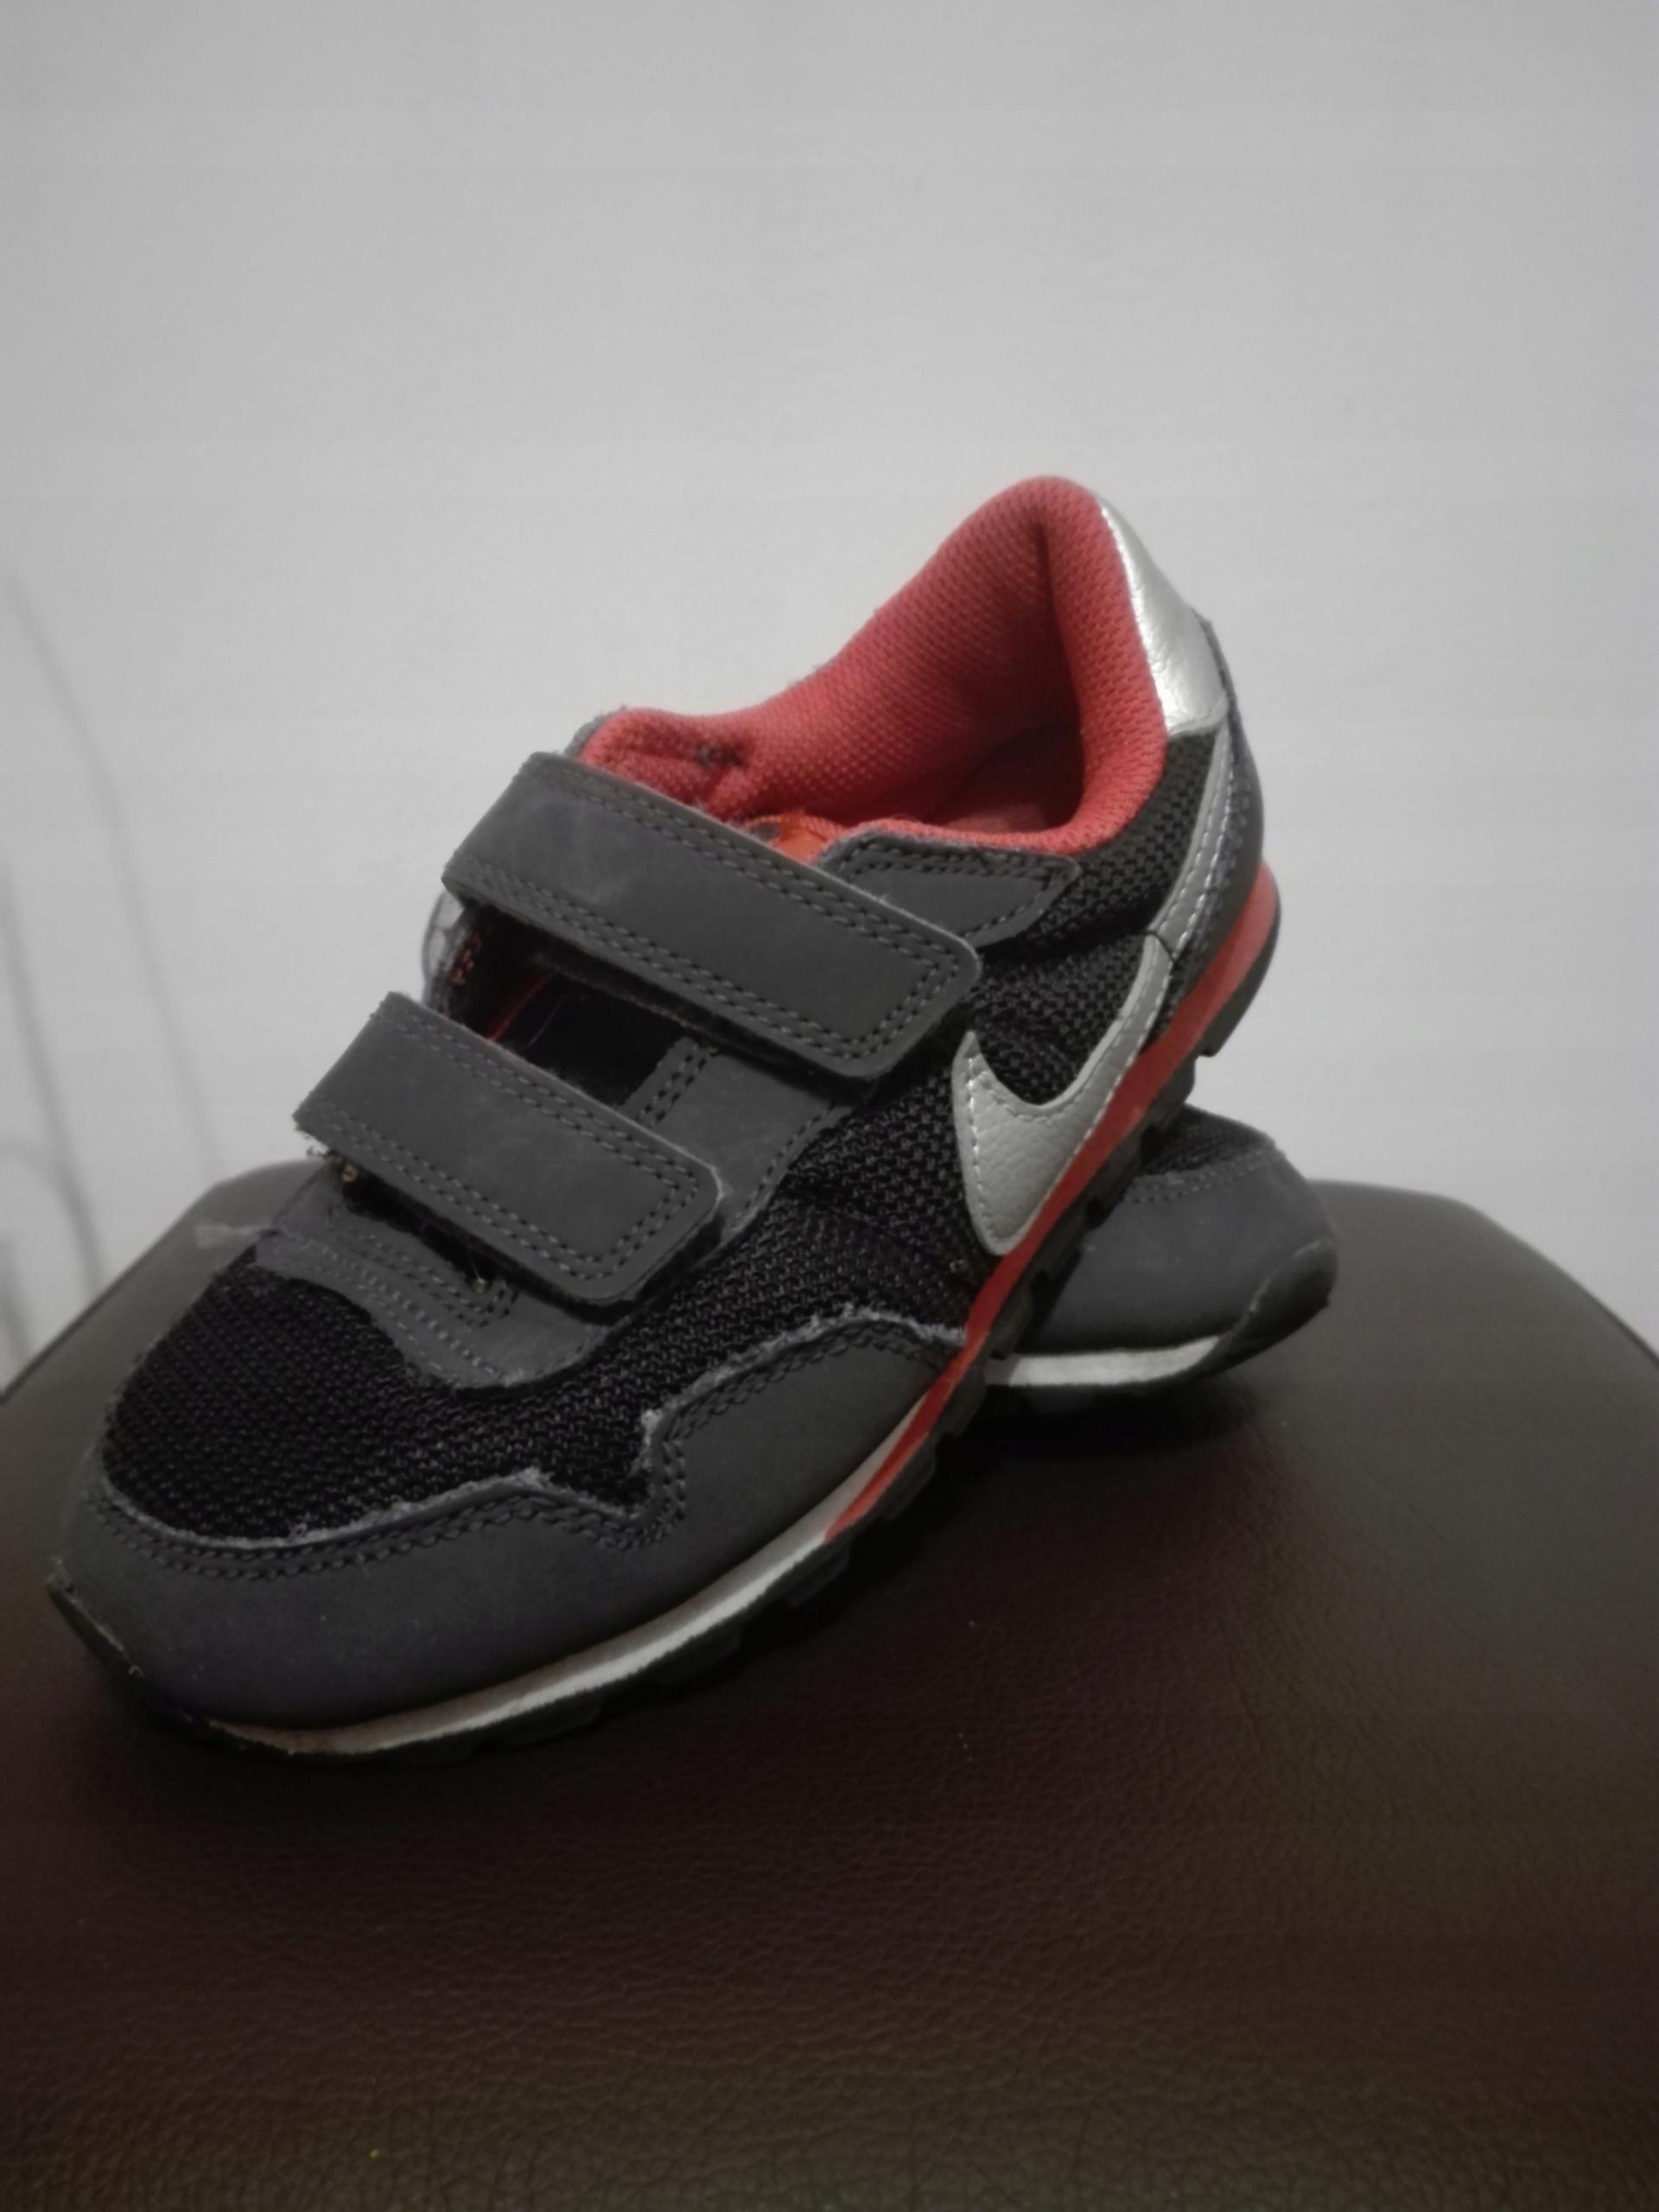 sprzedawca detaliczny Data wydania ekskluzywne buty Buty NIKE MD RUNNER chłopięce rozmiar 28 - 7508834998 ...